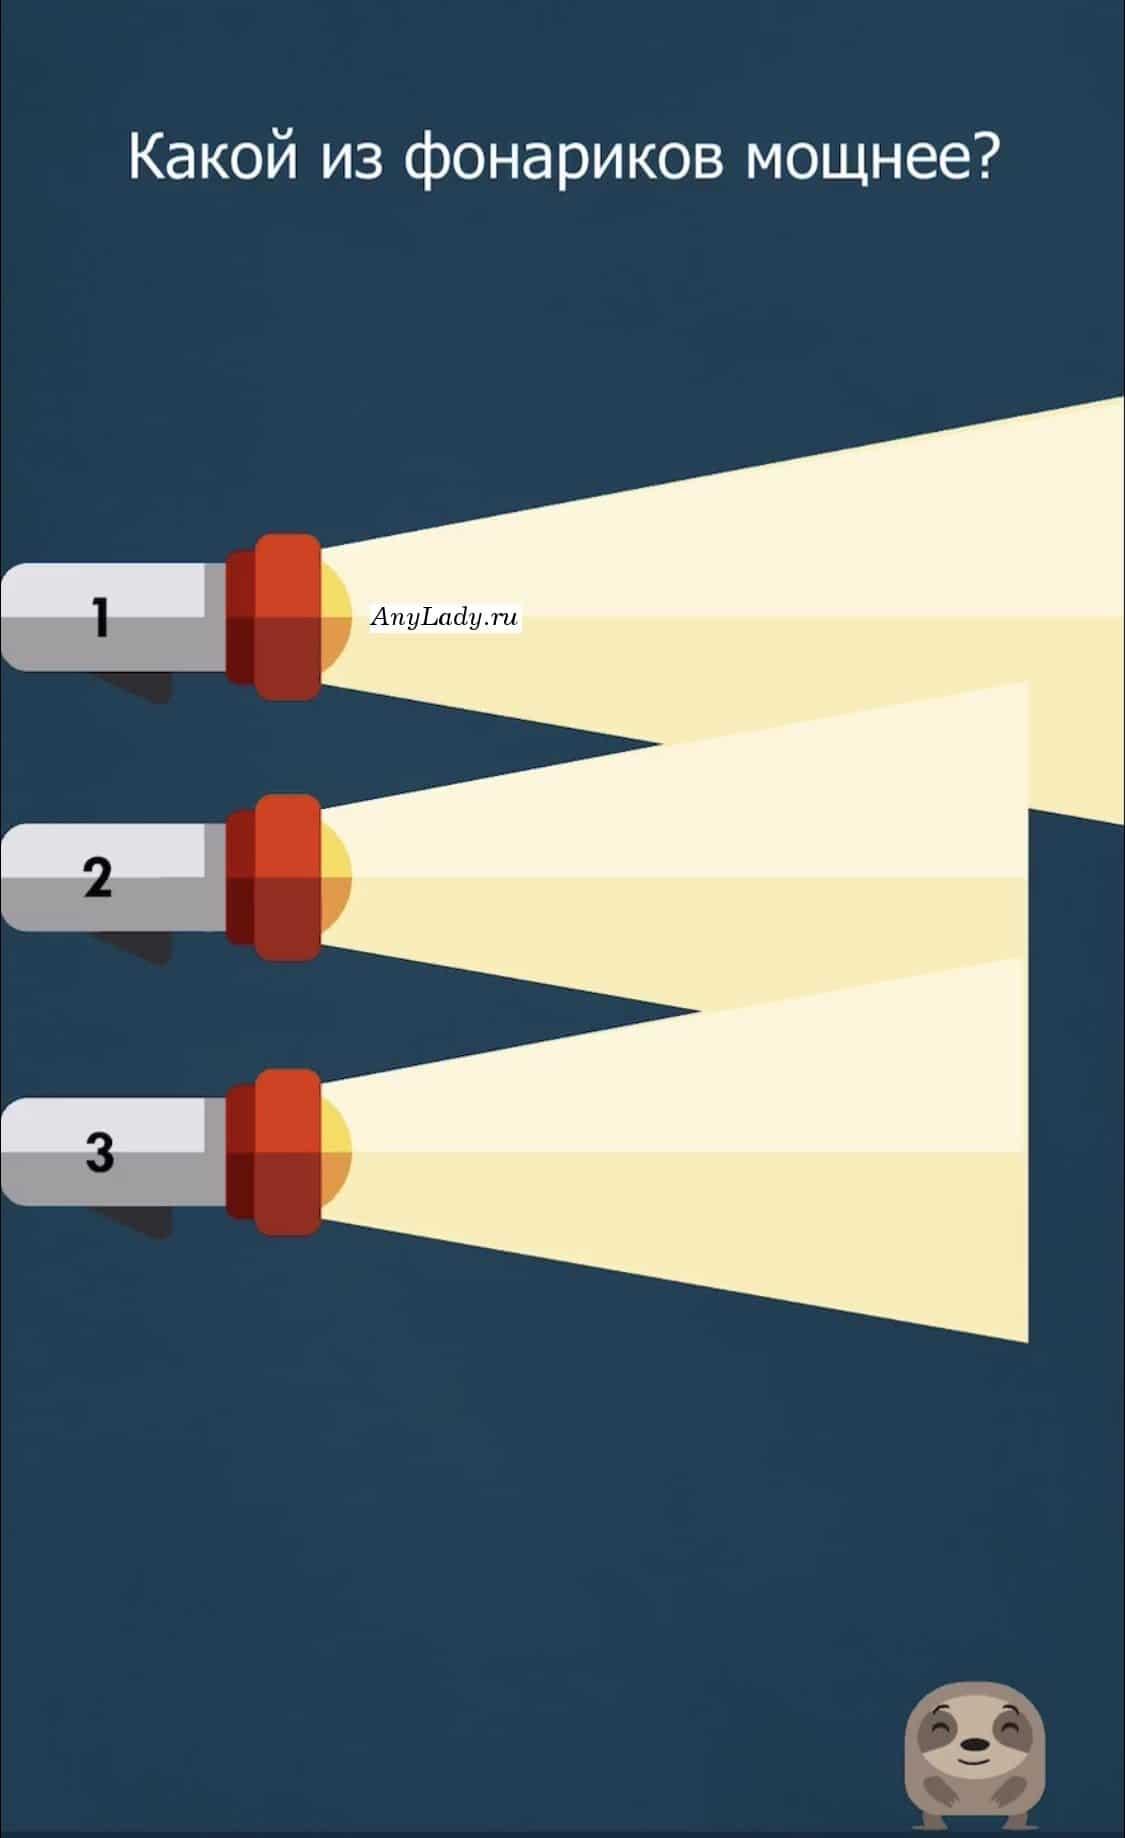 Поочередно двигайте фонари влево, по лучу будет понятно который из них мощнее.  Нажмите на фонарик, с самым дальним светом.